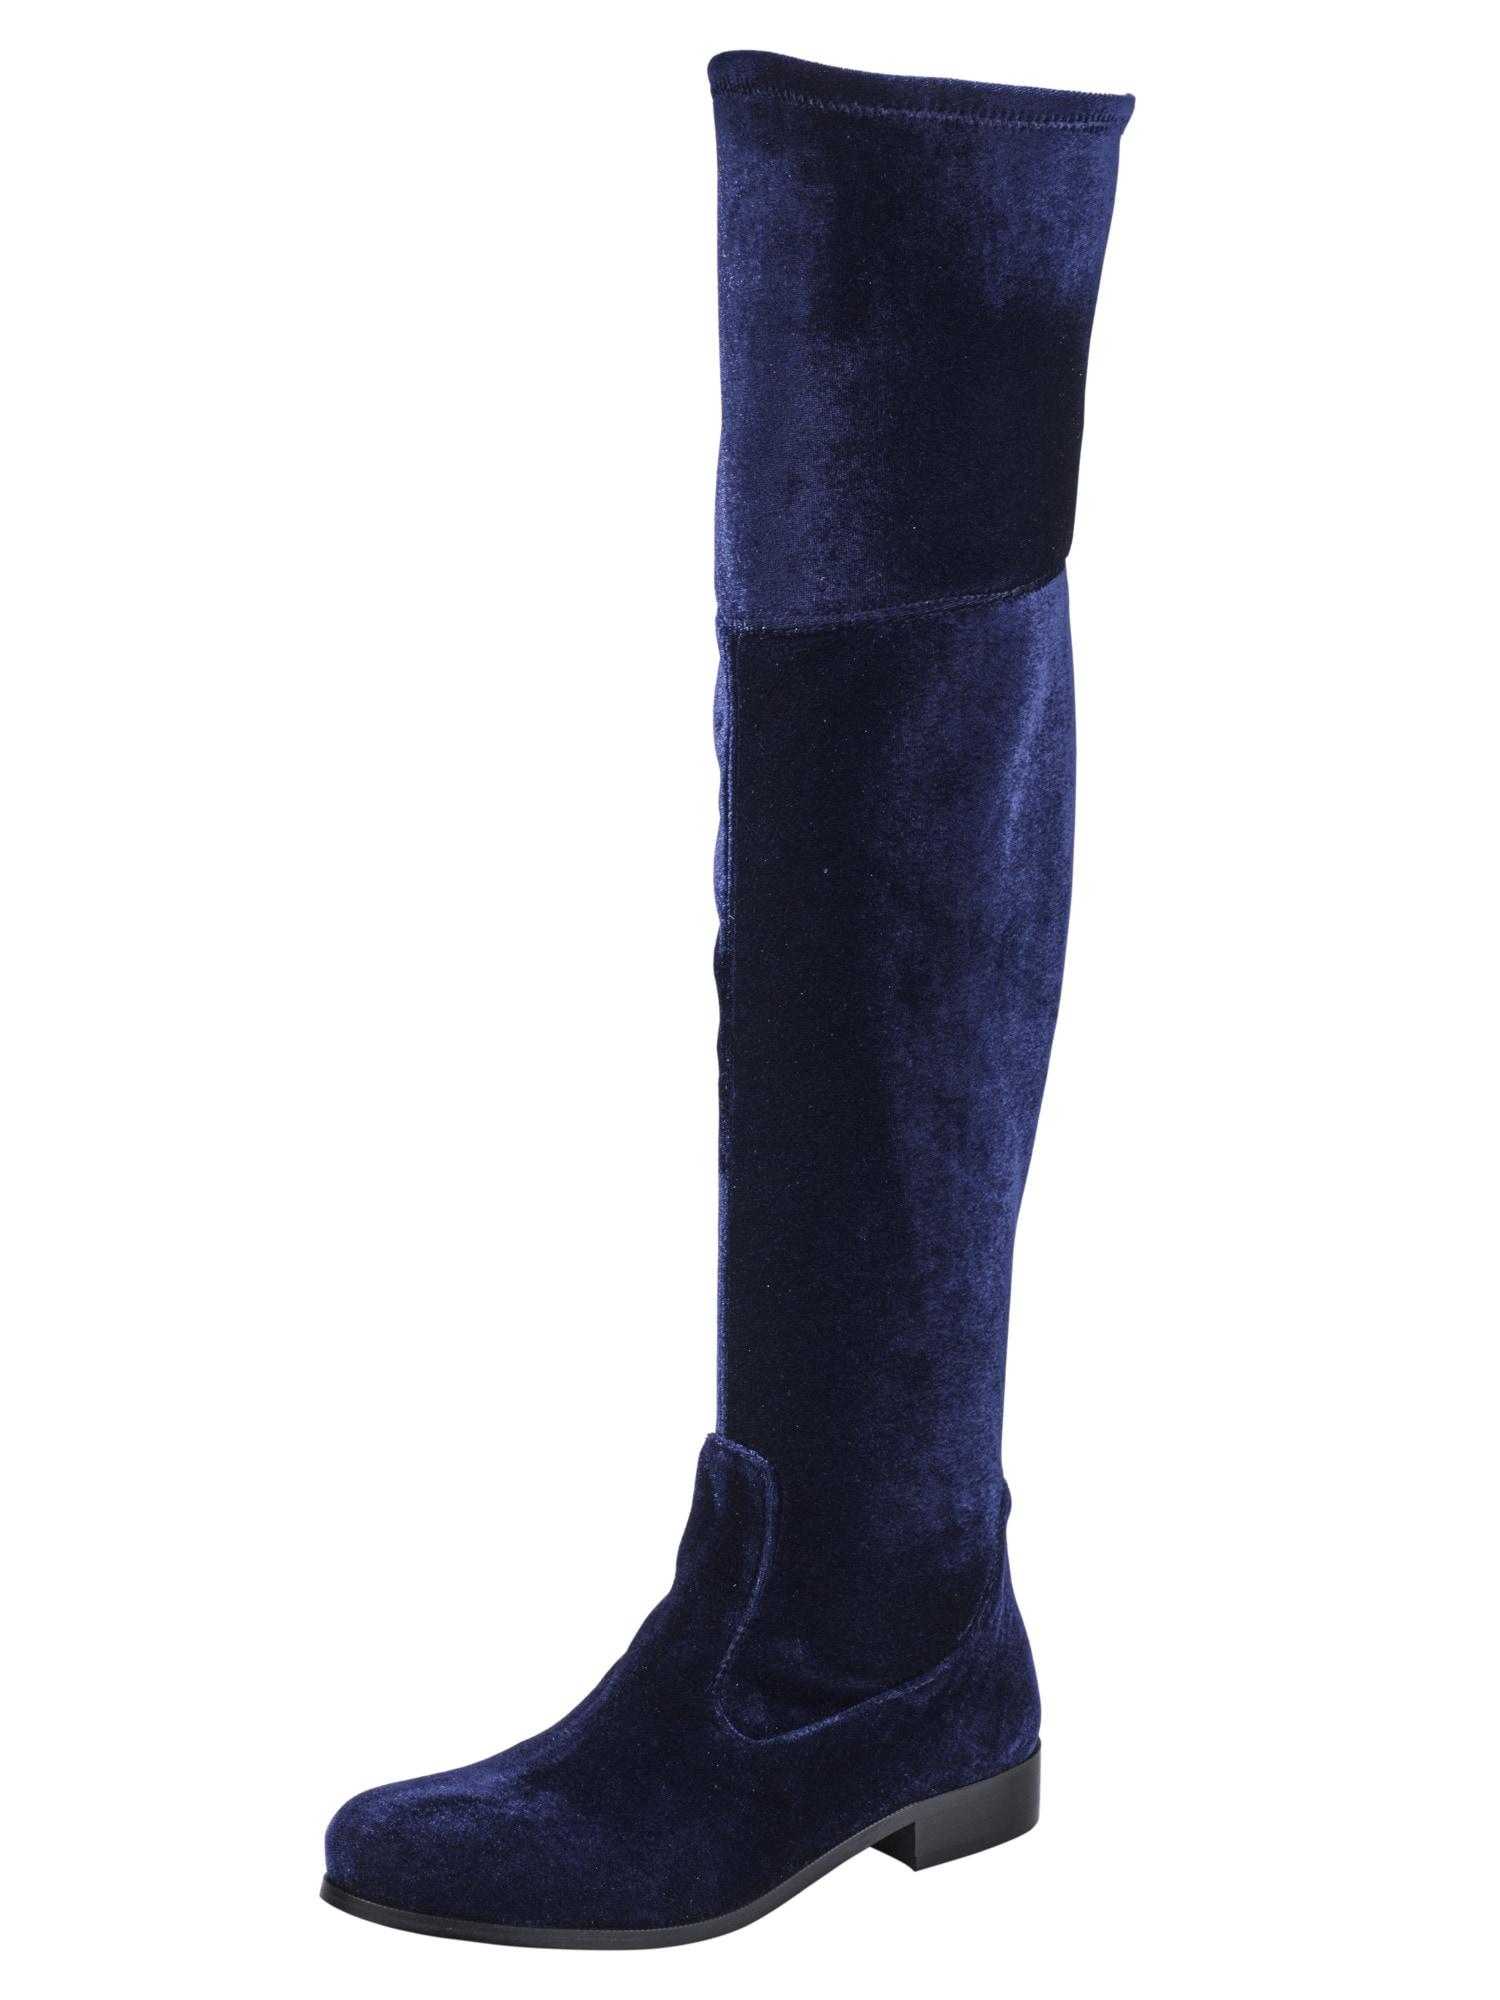 finest selection d8cdd 1db09 AboutYou | SALE Damen tamaris Stiefel blau, bordeaux, rot ...